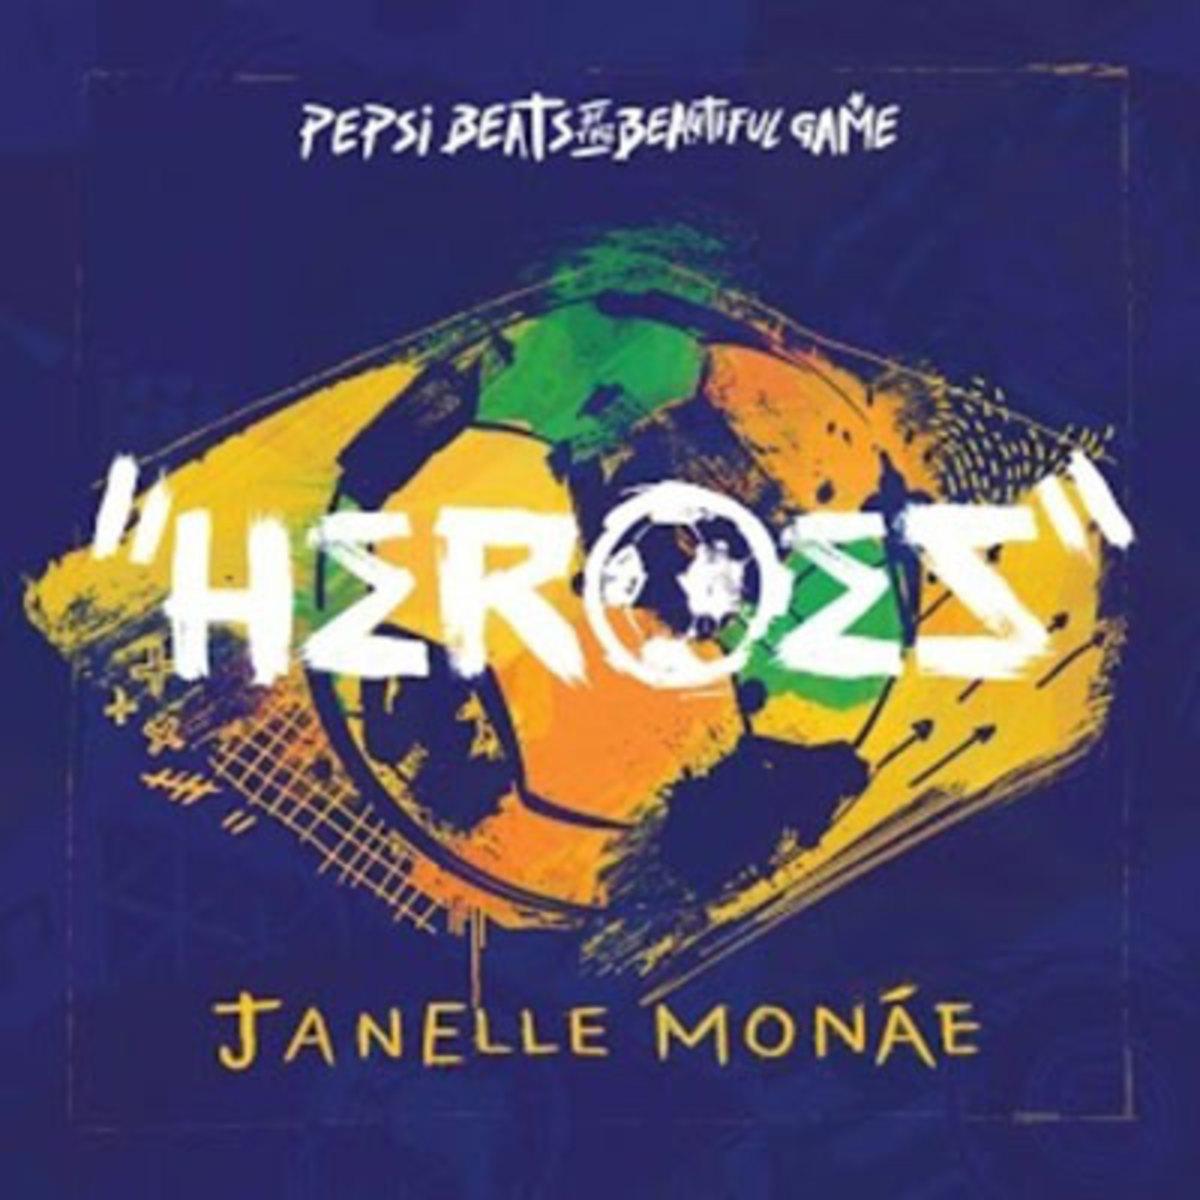 janellemonae-heroes.jpg